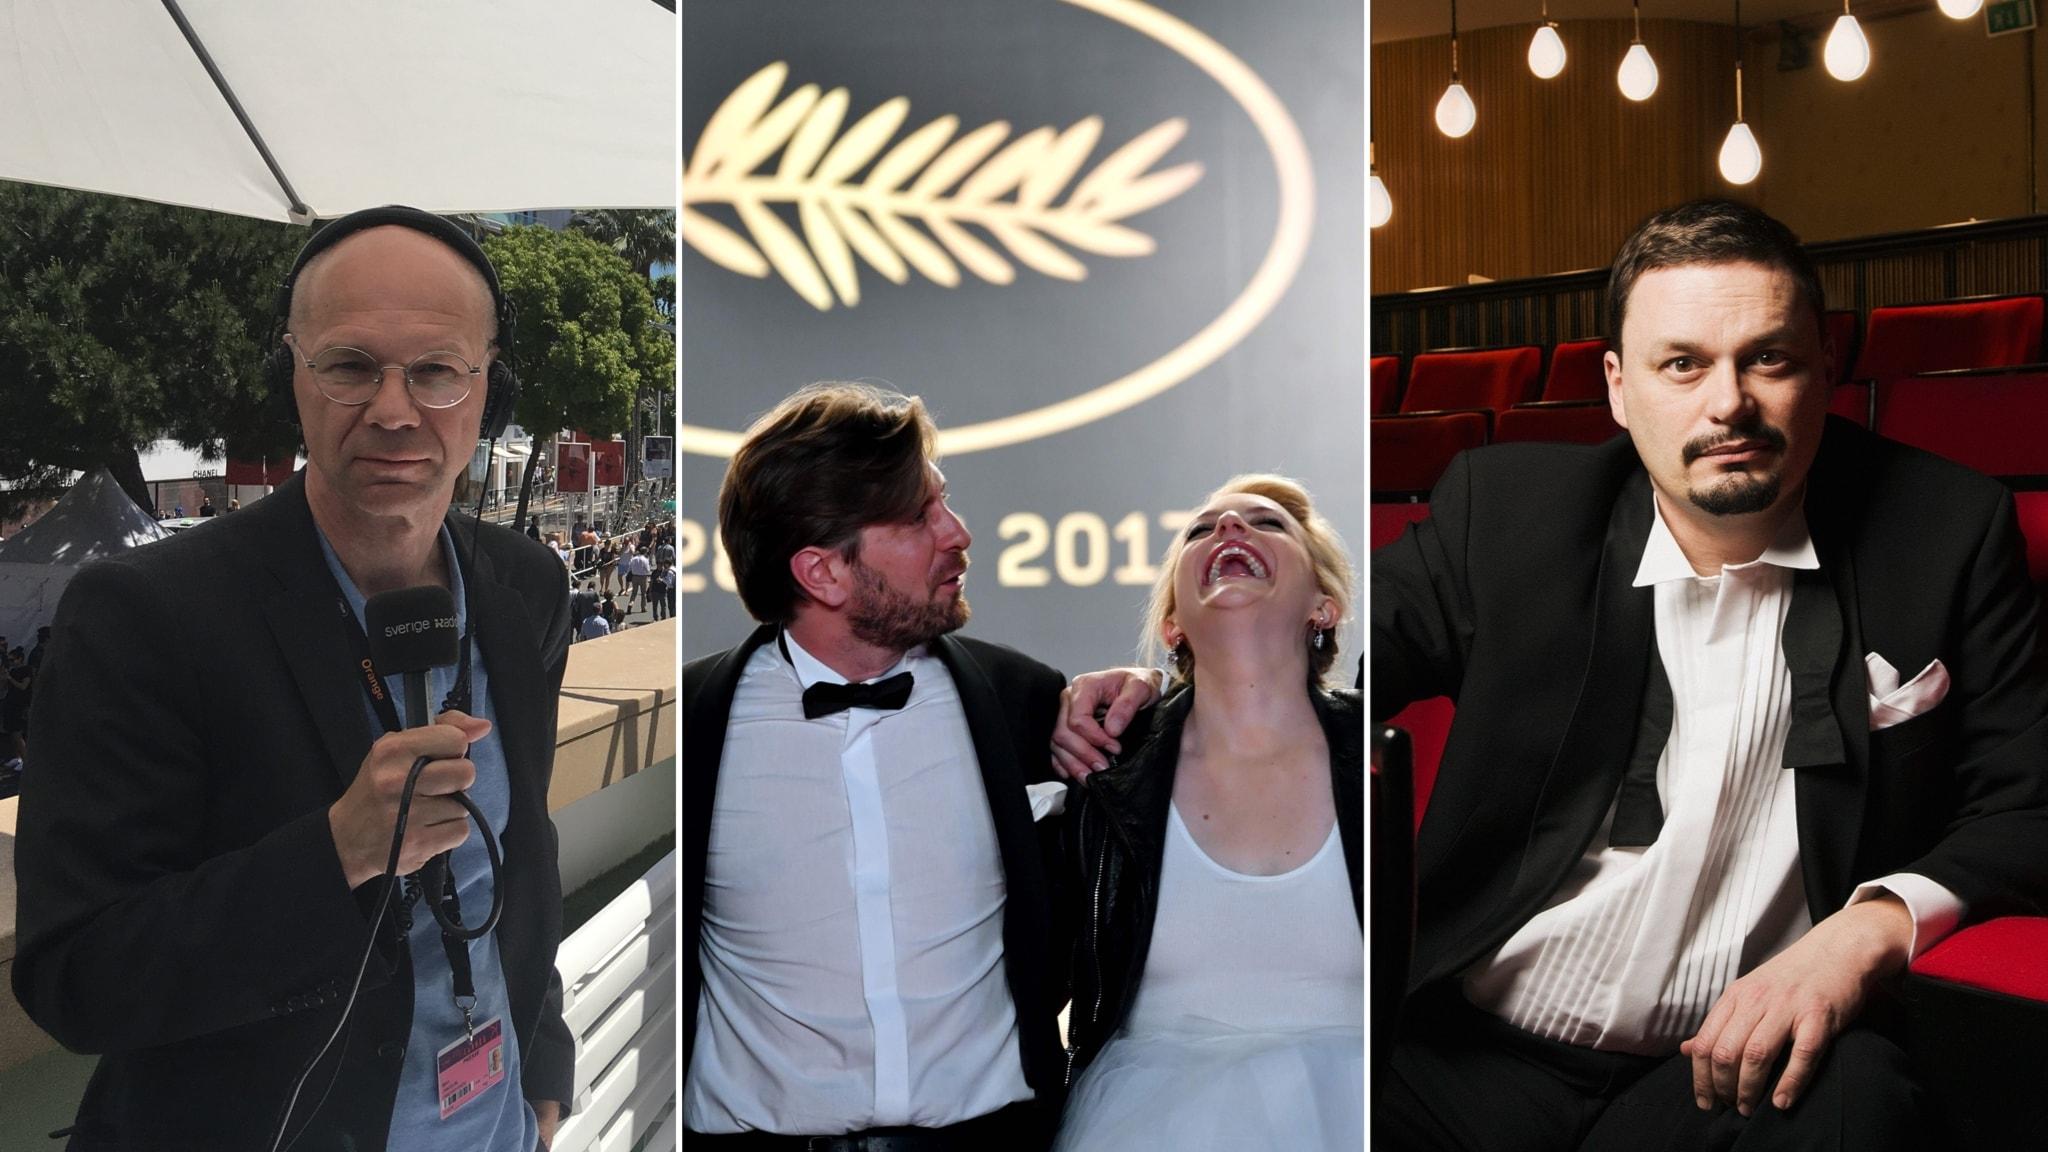 """Björn Jansson och Roger Wilson rapporterar från Cannes, där Ruben Östlunds film """"The Square"""" med Elisabeth Moss (mitten) i en av huvudrollerna haft premiär."""